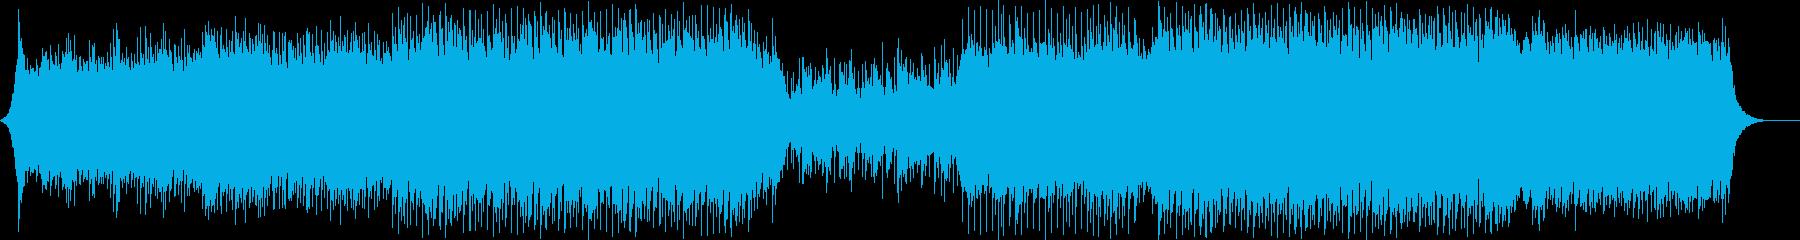 ポップ テクノ 未来 テクノロジー...の再生済みの波形